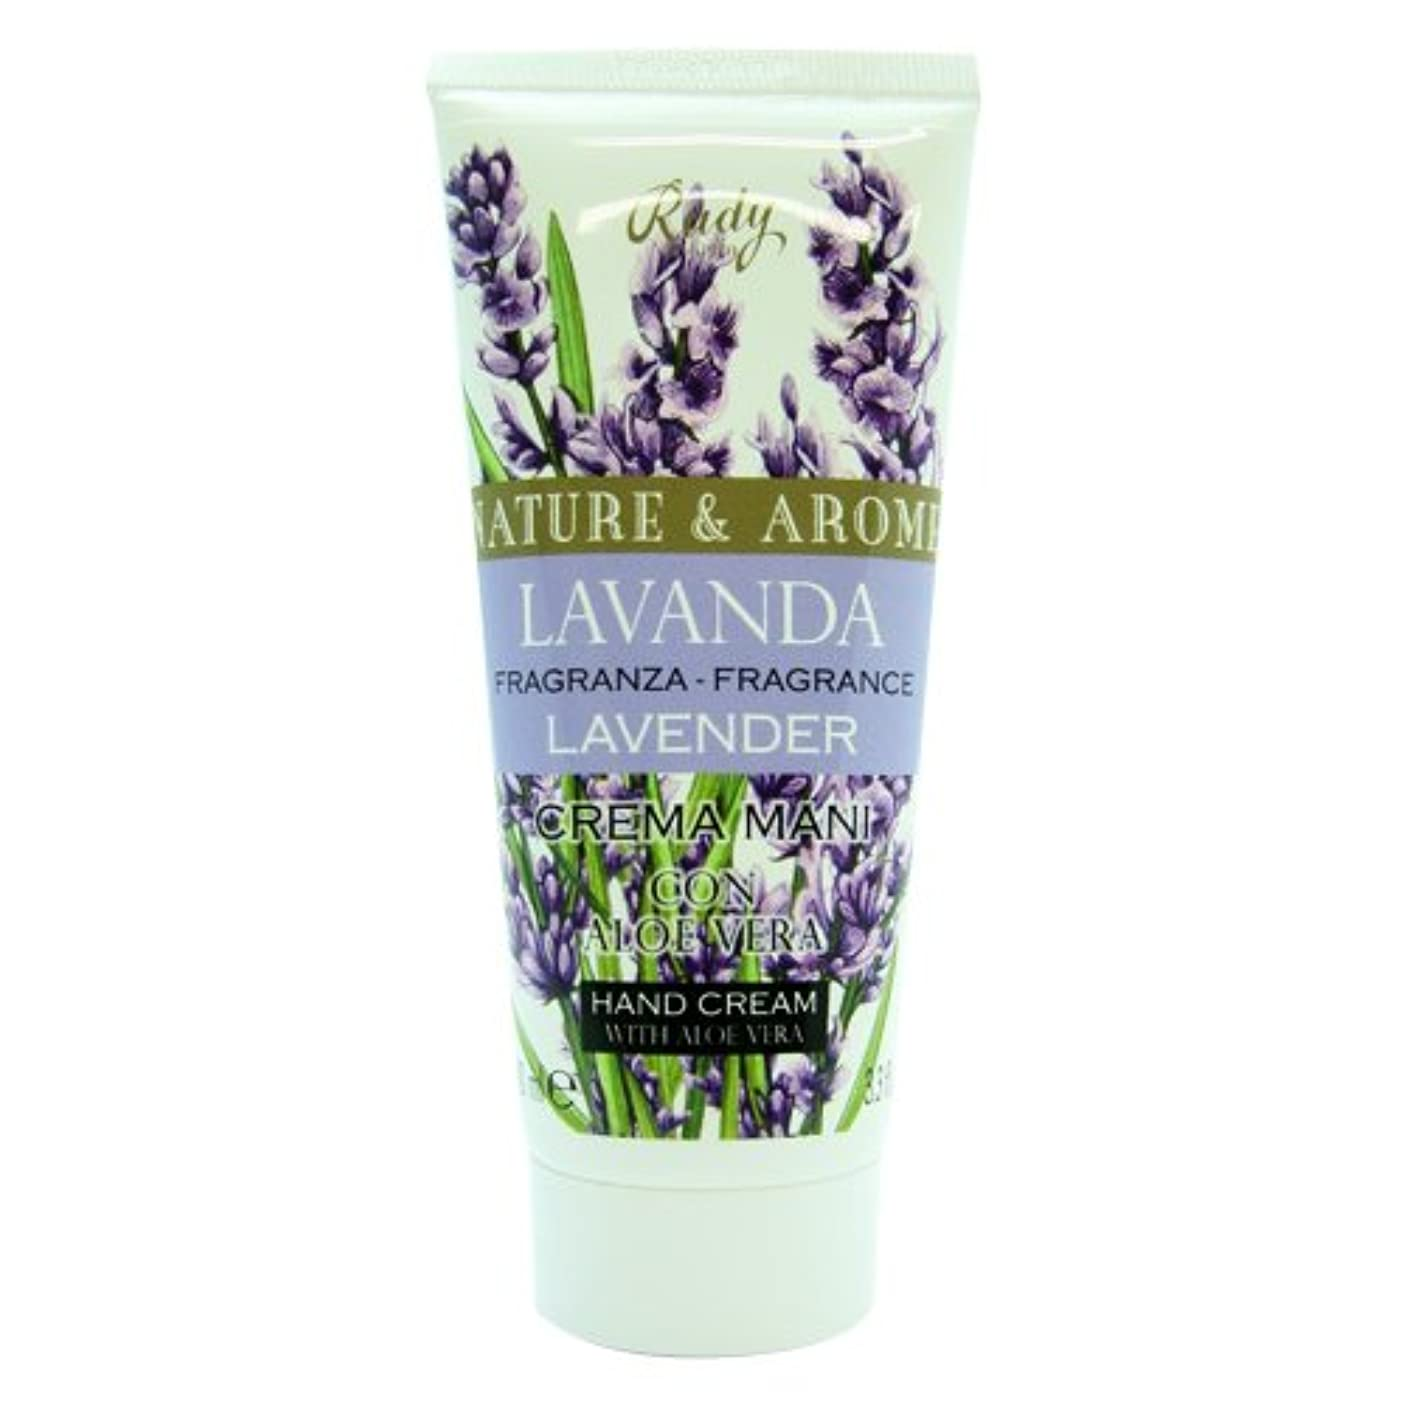 ベンチャー父方のオフRUDY Nature&Arome SERIES ルディ ナチュール&アロマ Hand Cream ハンドクリーム  Lavender ラベンダー